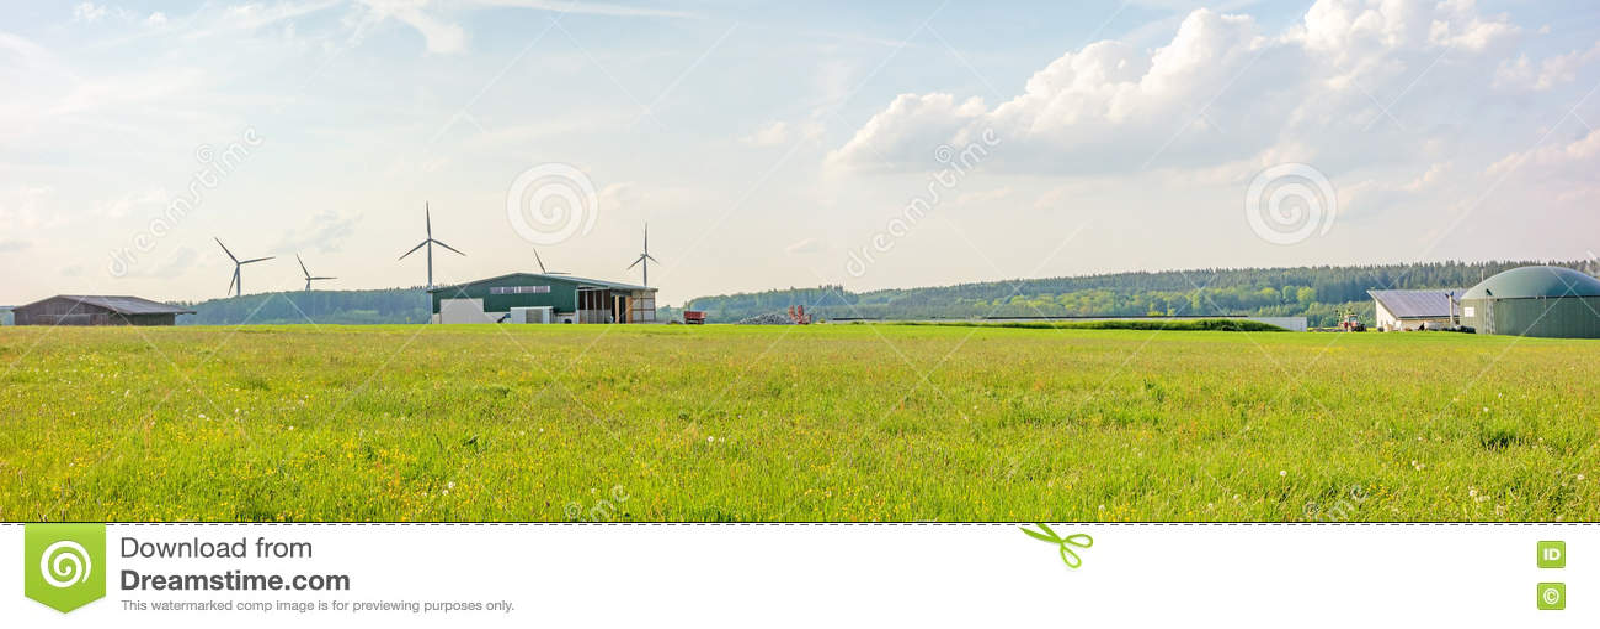 生物气植物,农场,全景